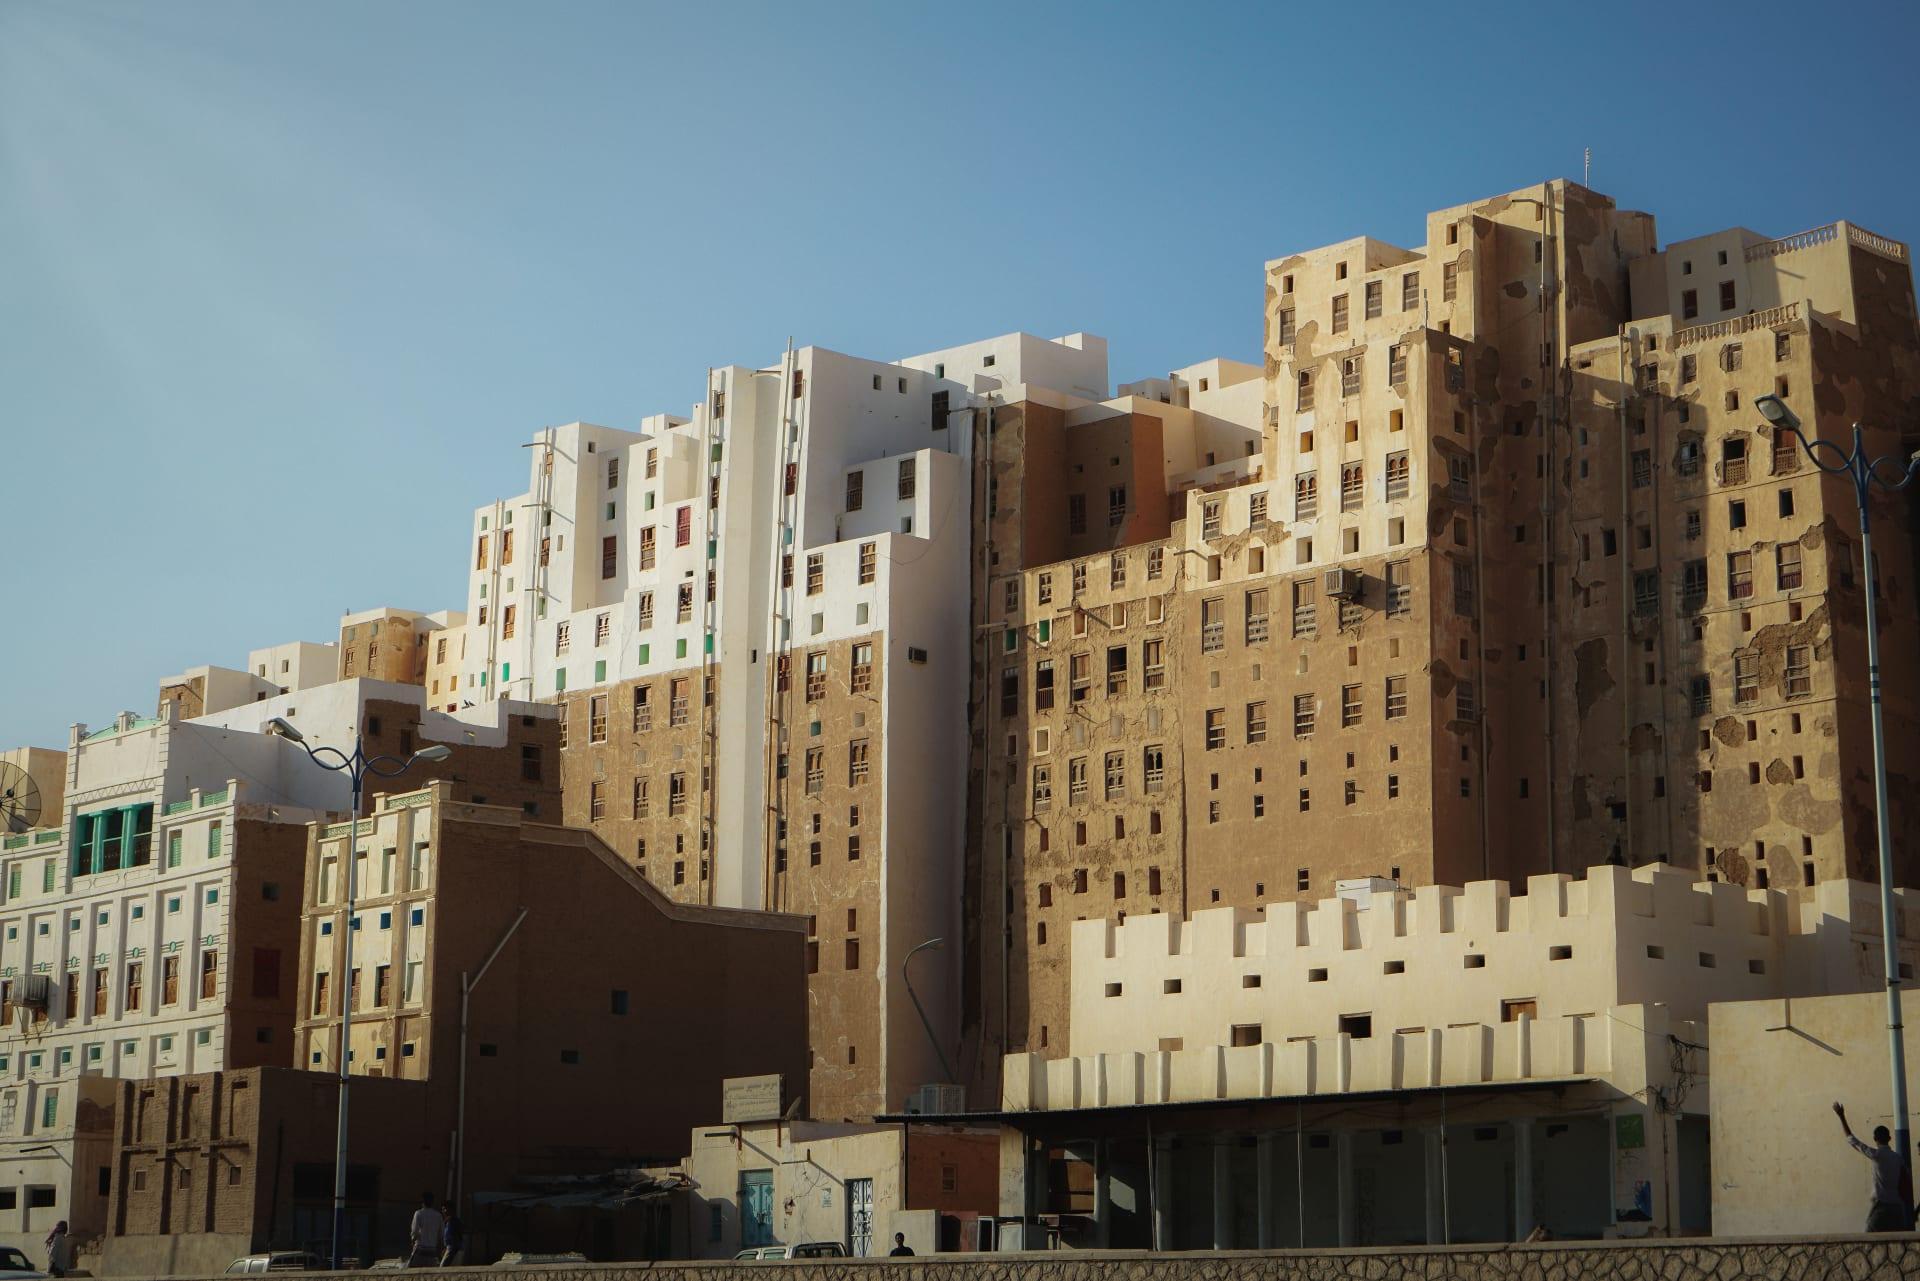 """أبراج منبثقة من الصخور.. استكشف سحر """"مانهاتن الصحراء"""" في اليمن"""